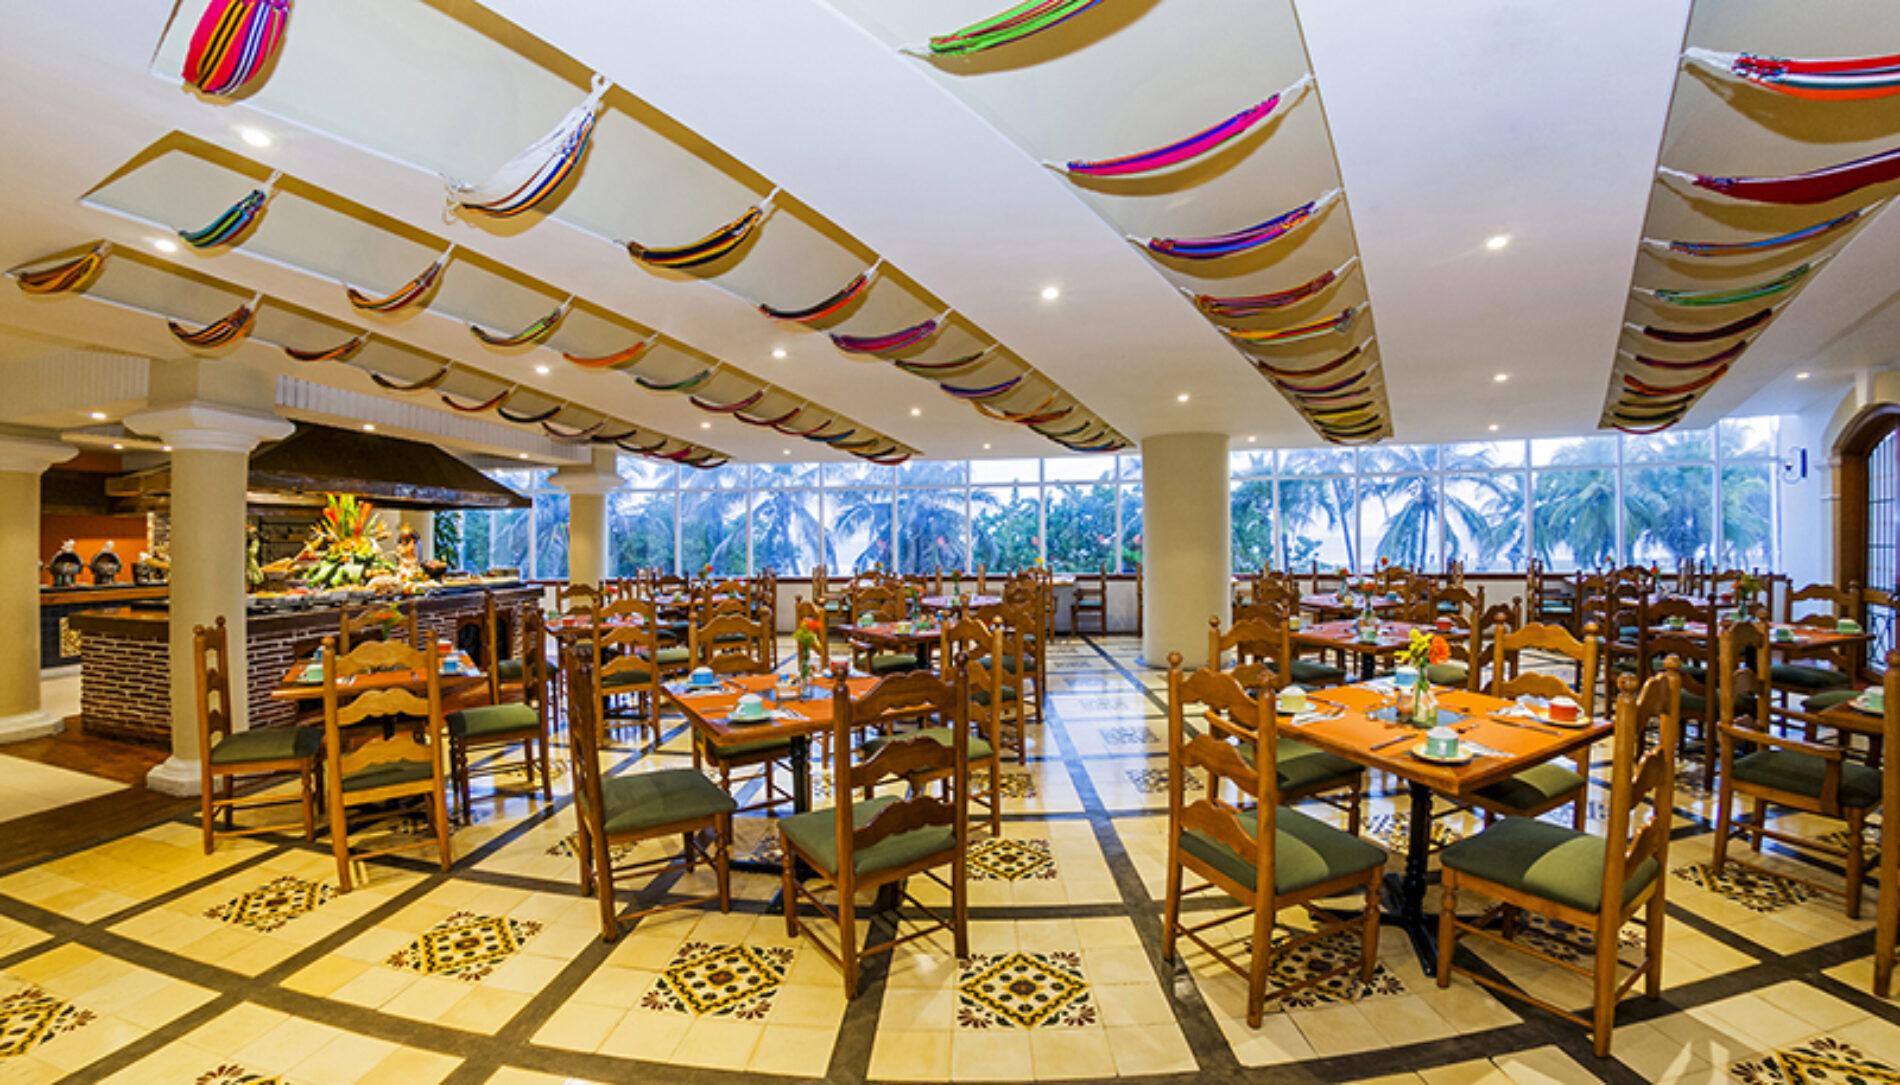 HOTEL ALMIRANTE CARTAGENA: PLENO DISFRUTE DE PLAYA, BRISA Y MAR